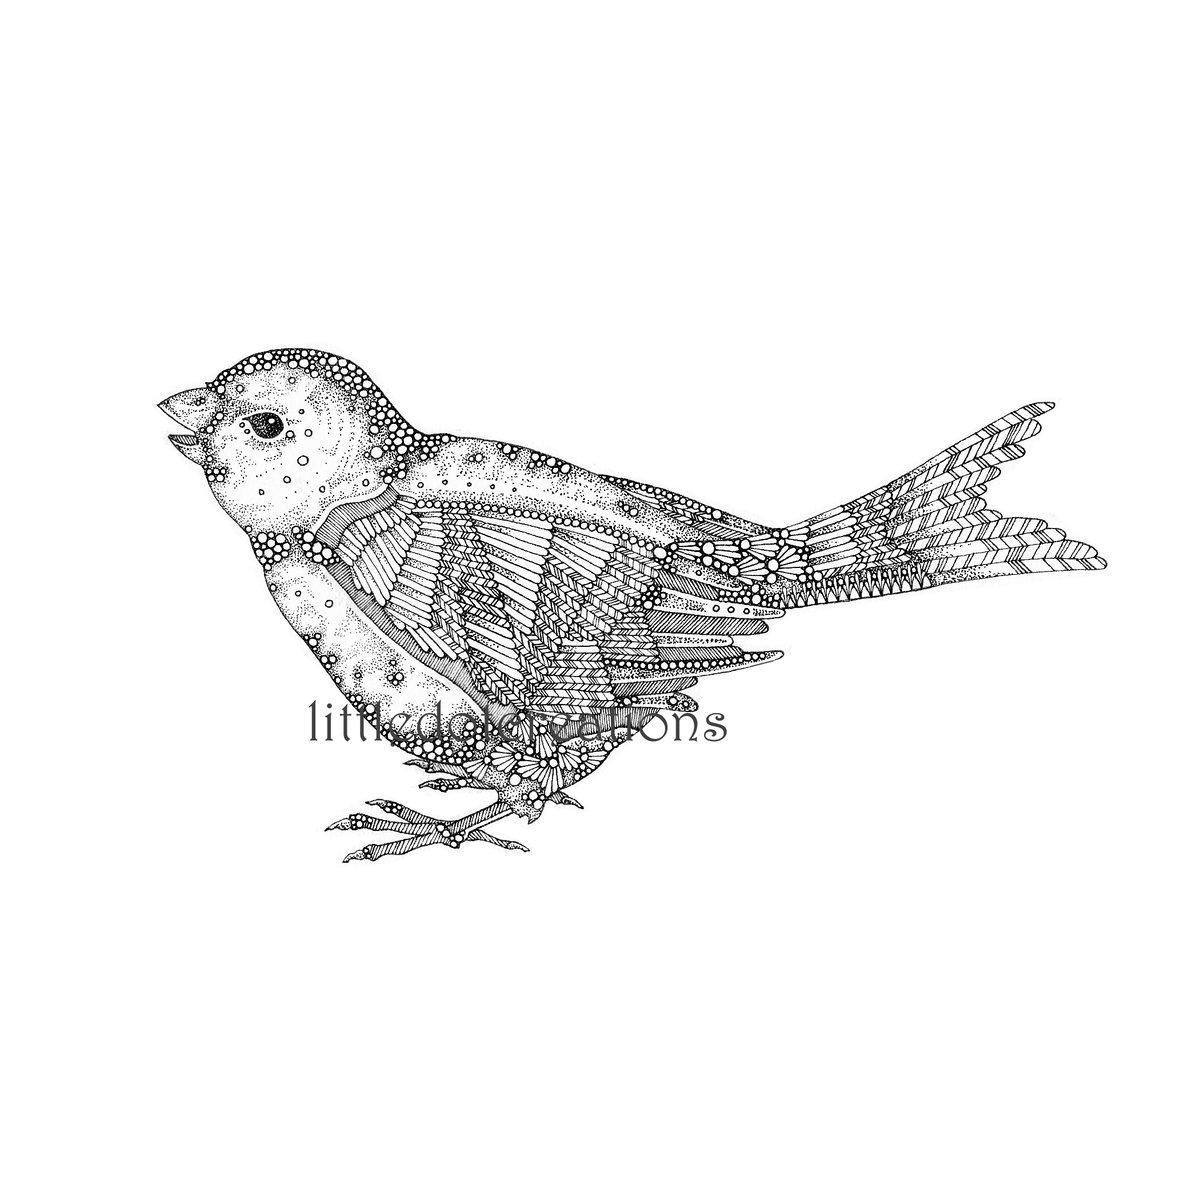 Image of Lullaby of Birdland